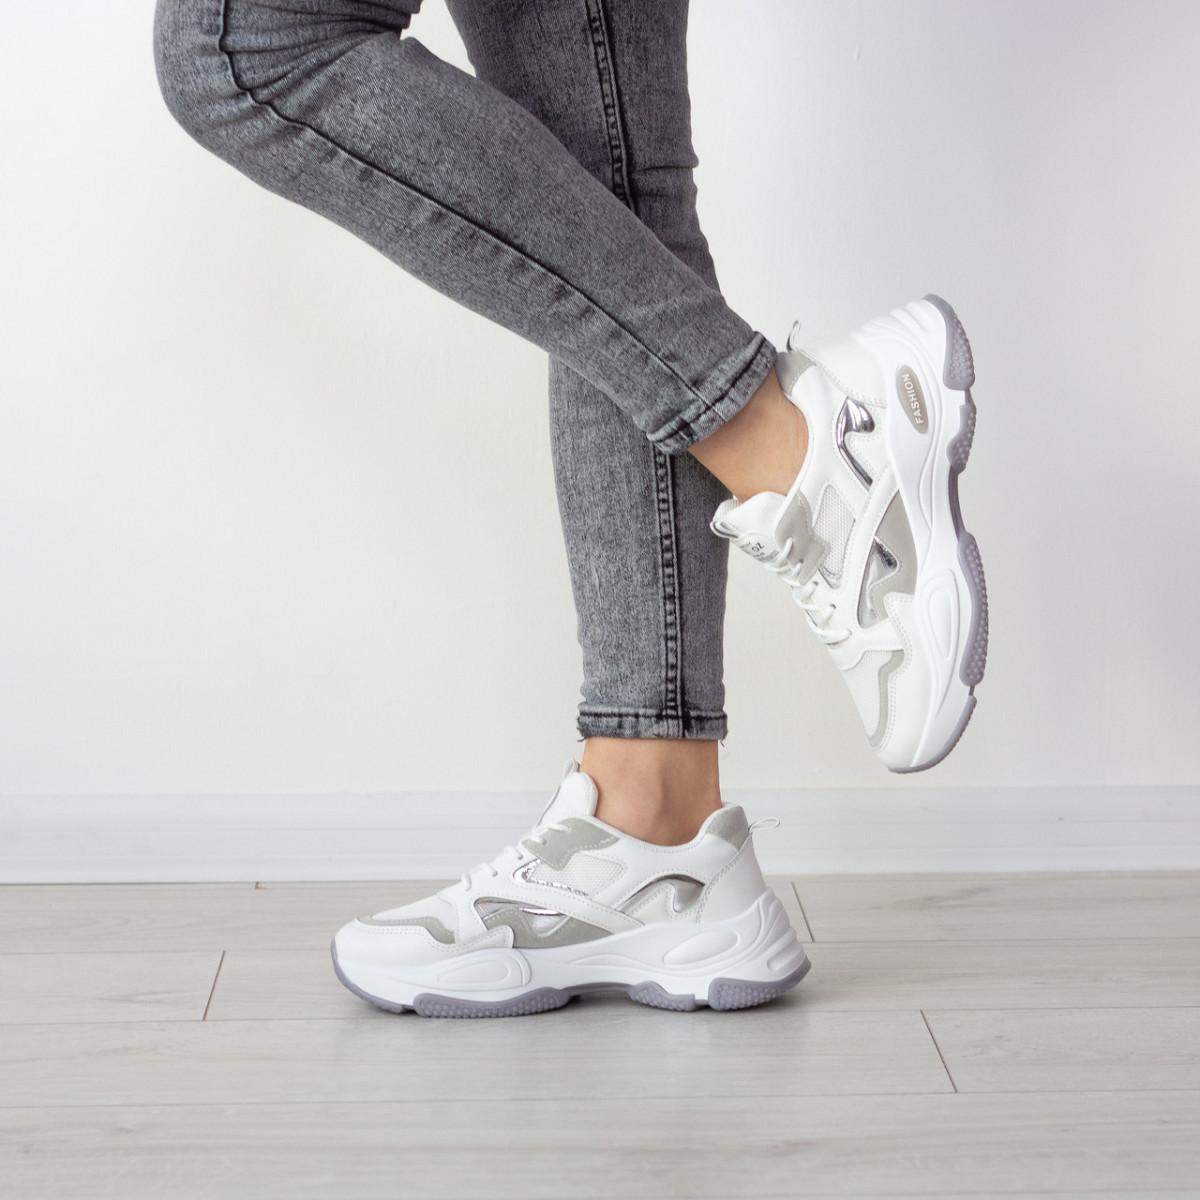 Кросівки жіночі Fashion Caleb 2548 37 розмір 23 см Білий